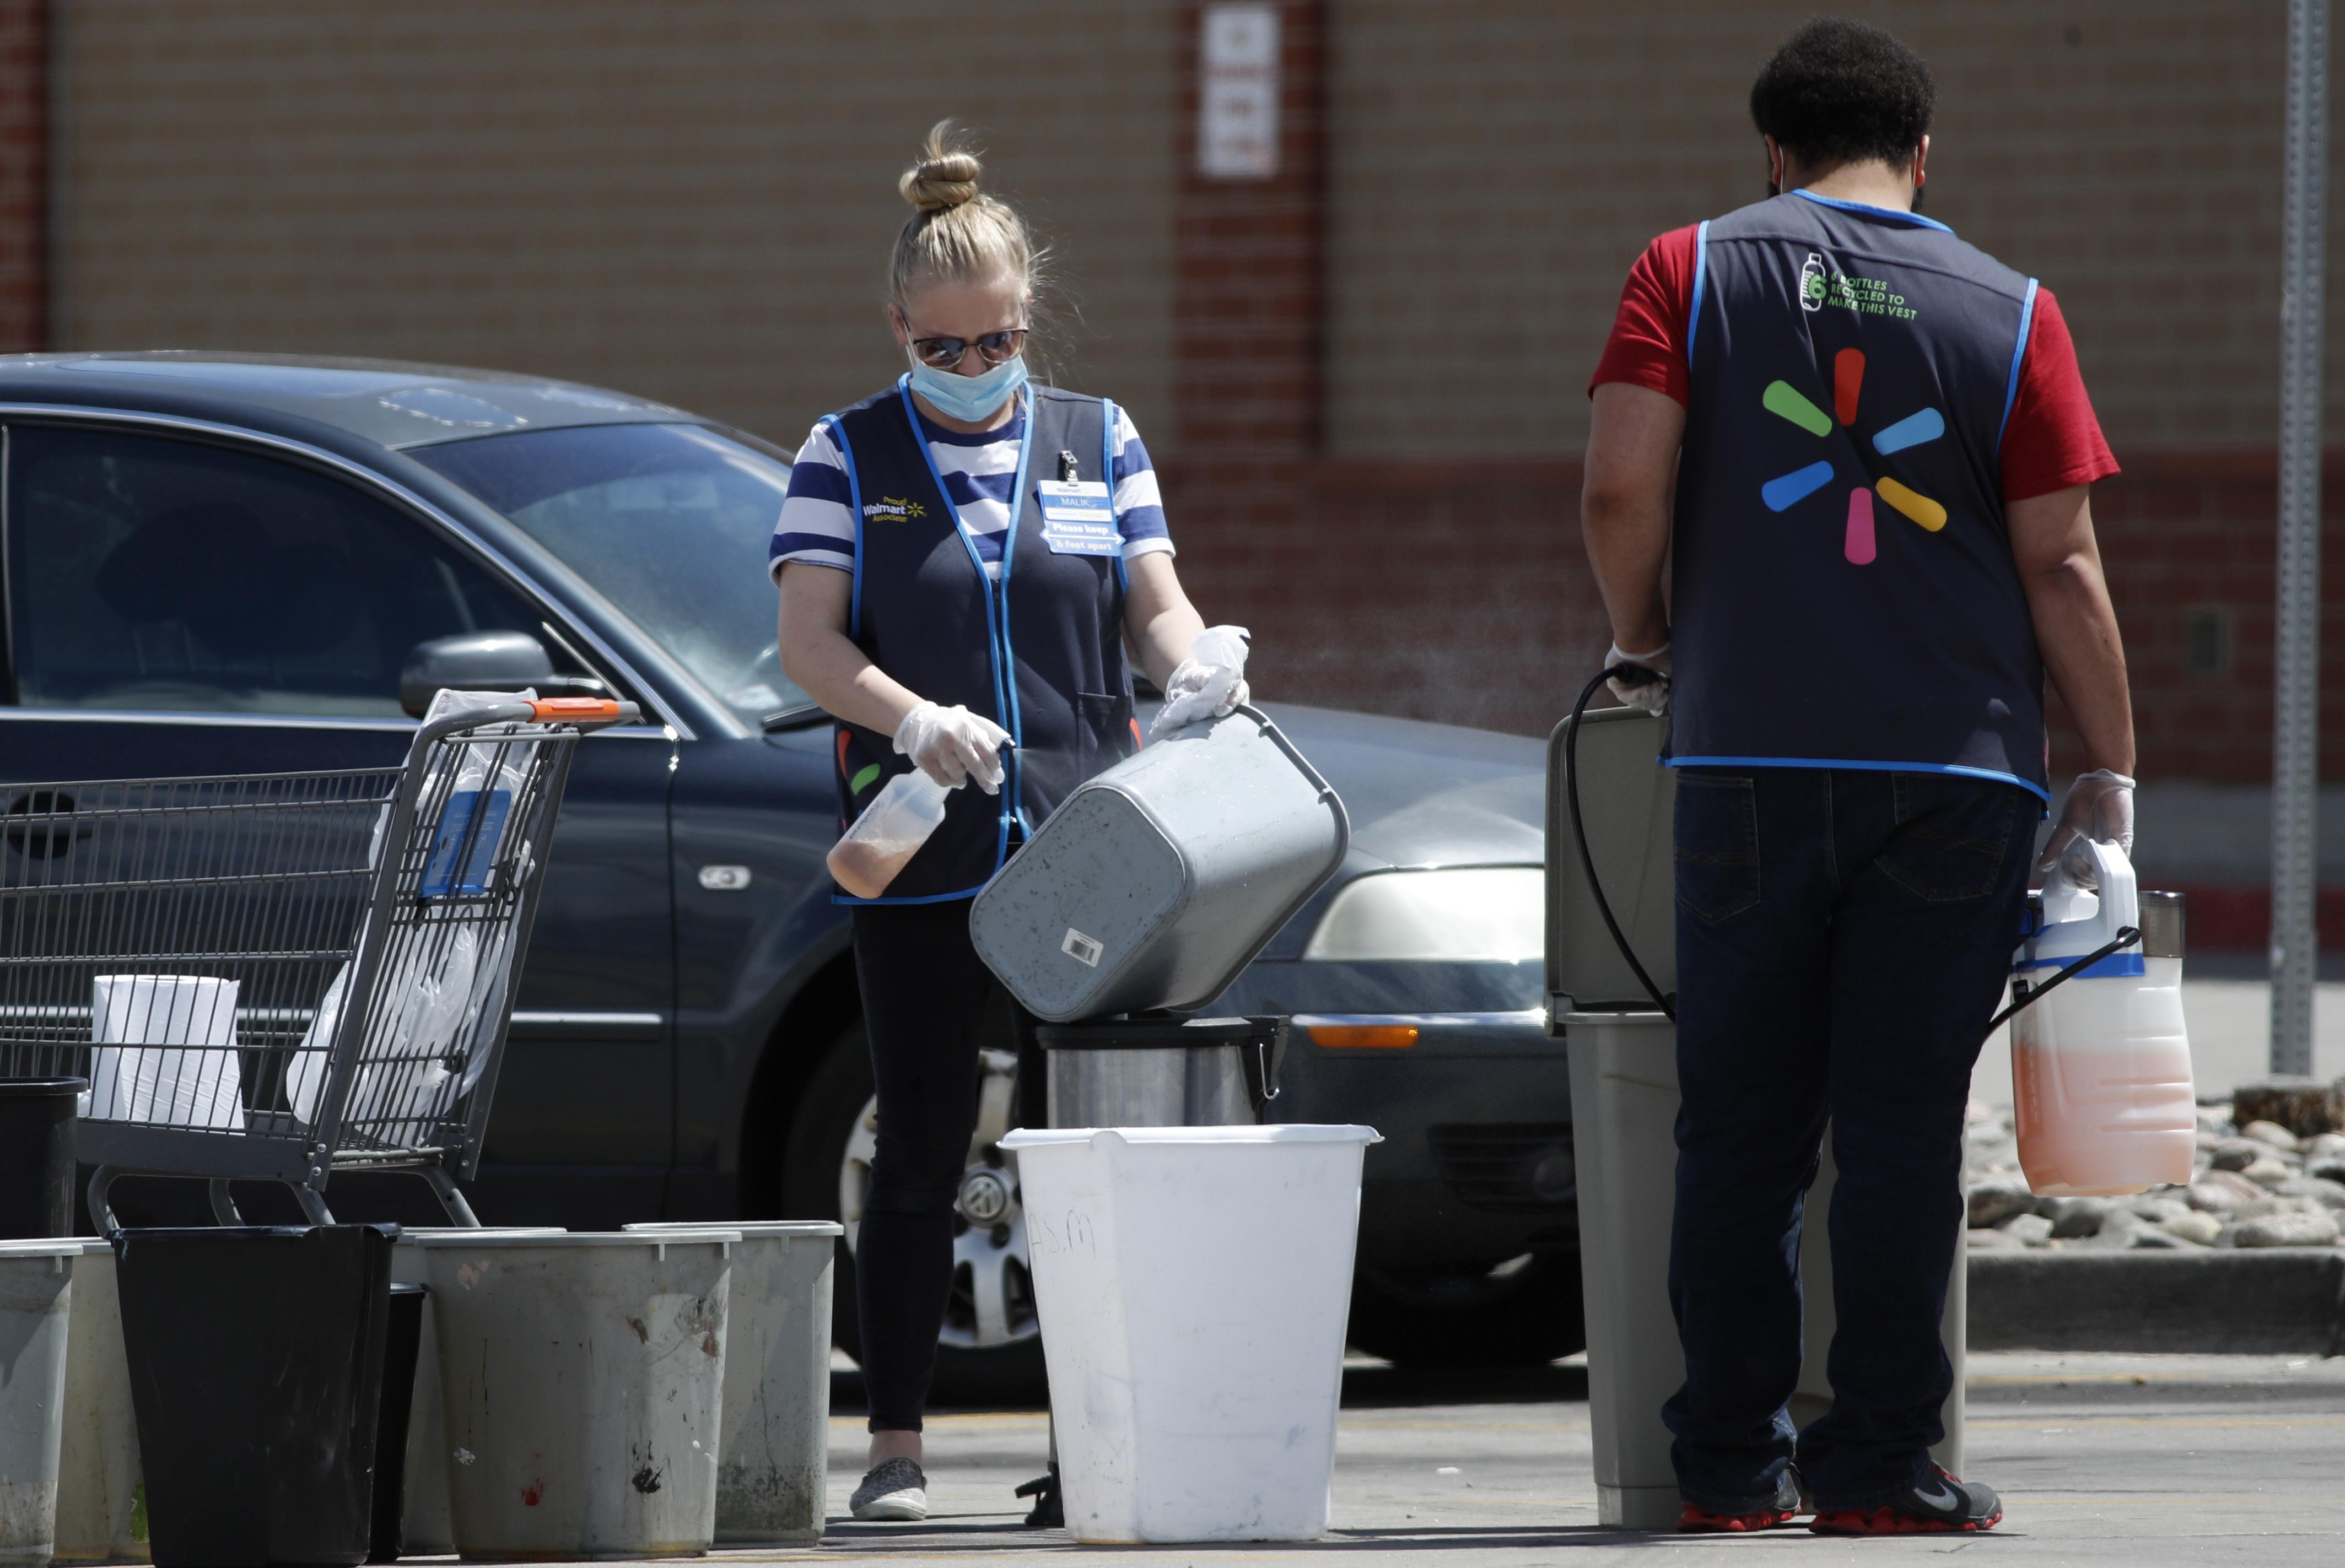 Walmart workers during the coronavirus pandemic